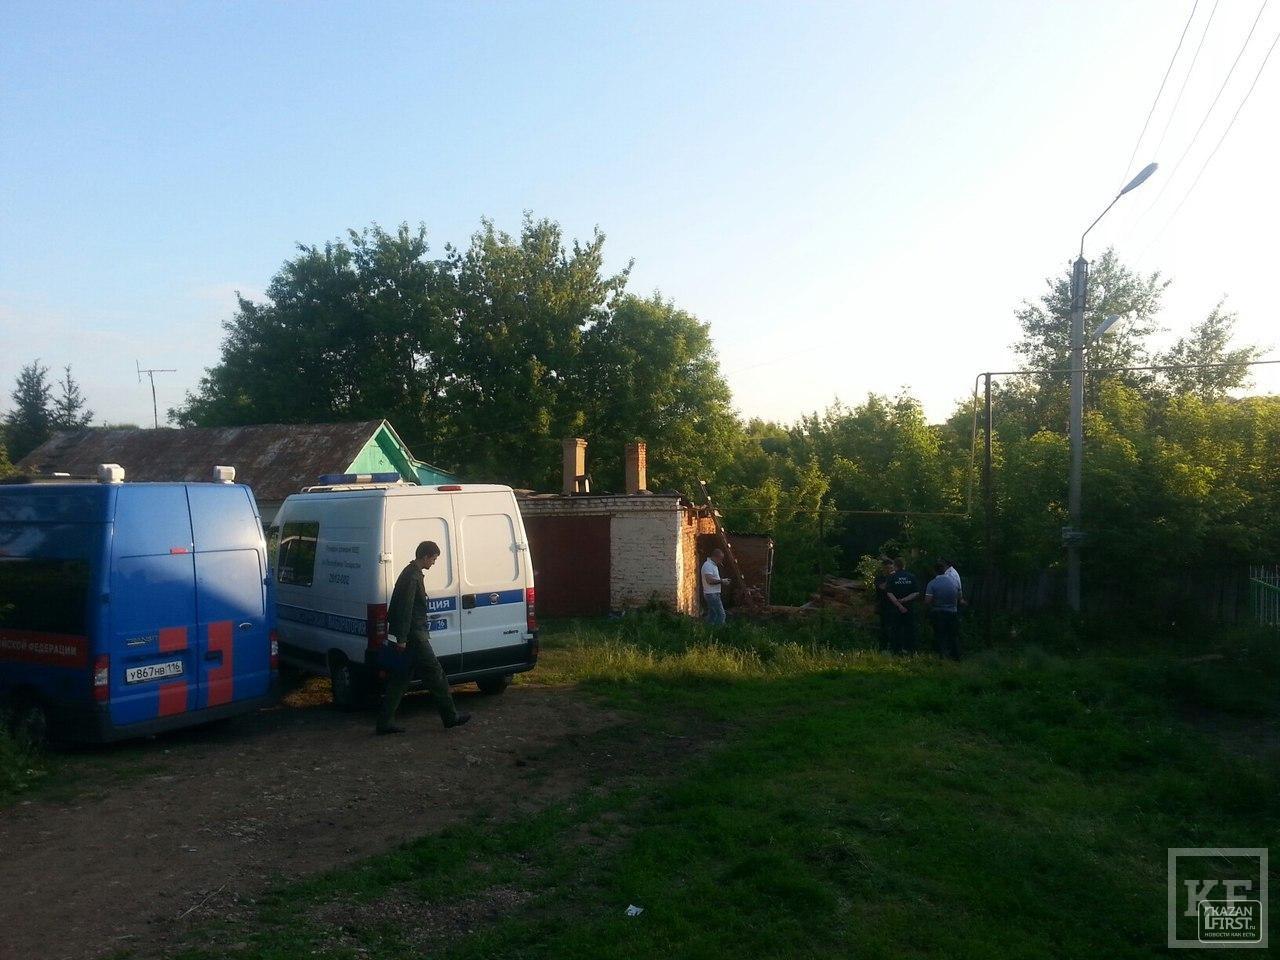 В Татарстане неизвестные подожгли дом, чтобы скрыть убийство семьи